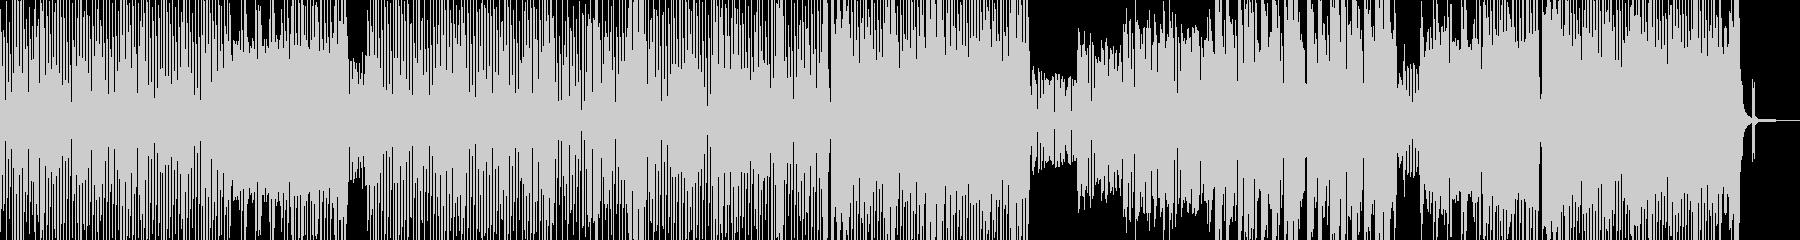 お菓子の国・メルヘンポップ Aの未再生の波形